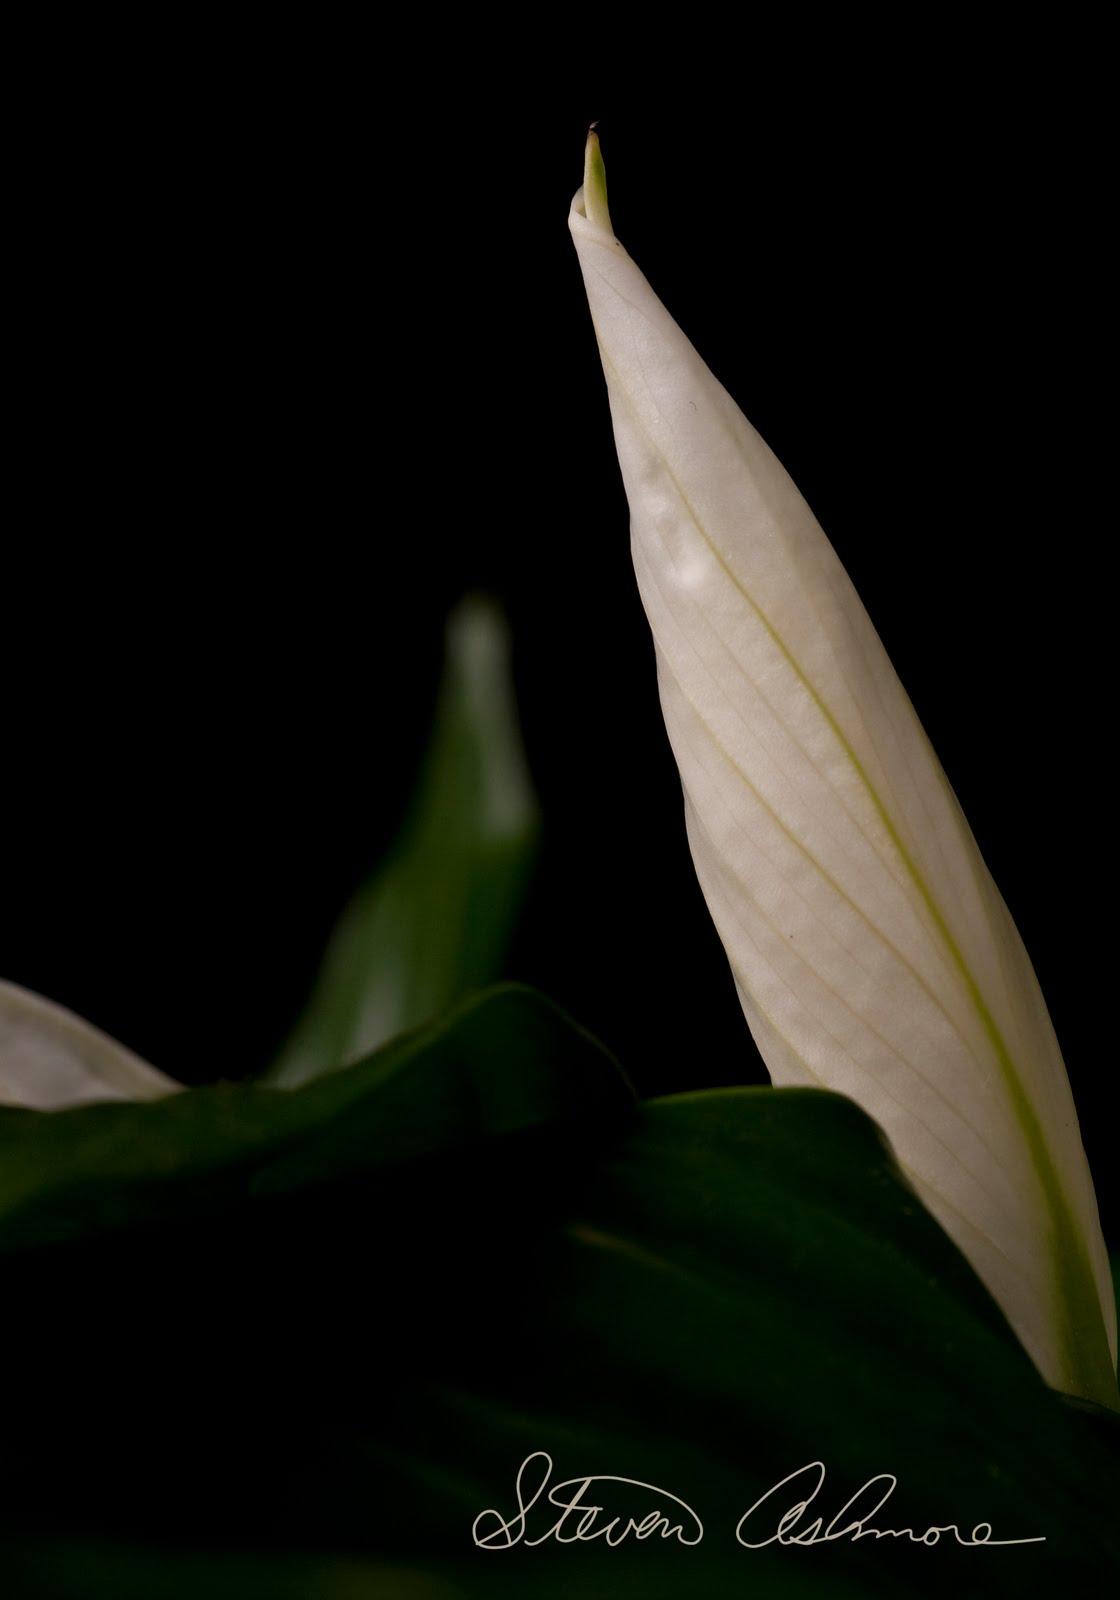 http://4.bp.blogspot.com/_ntIMzFVd2XA/S8oECAt3LJI/AAAAAAAAAVw/NcEkJSWZ8JI/s1600/Peace+Lilly_08.jpg